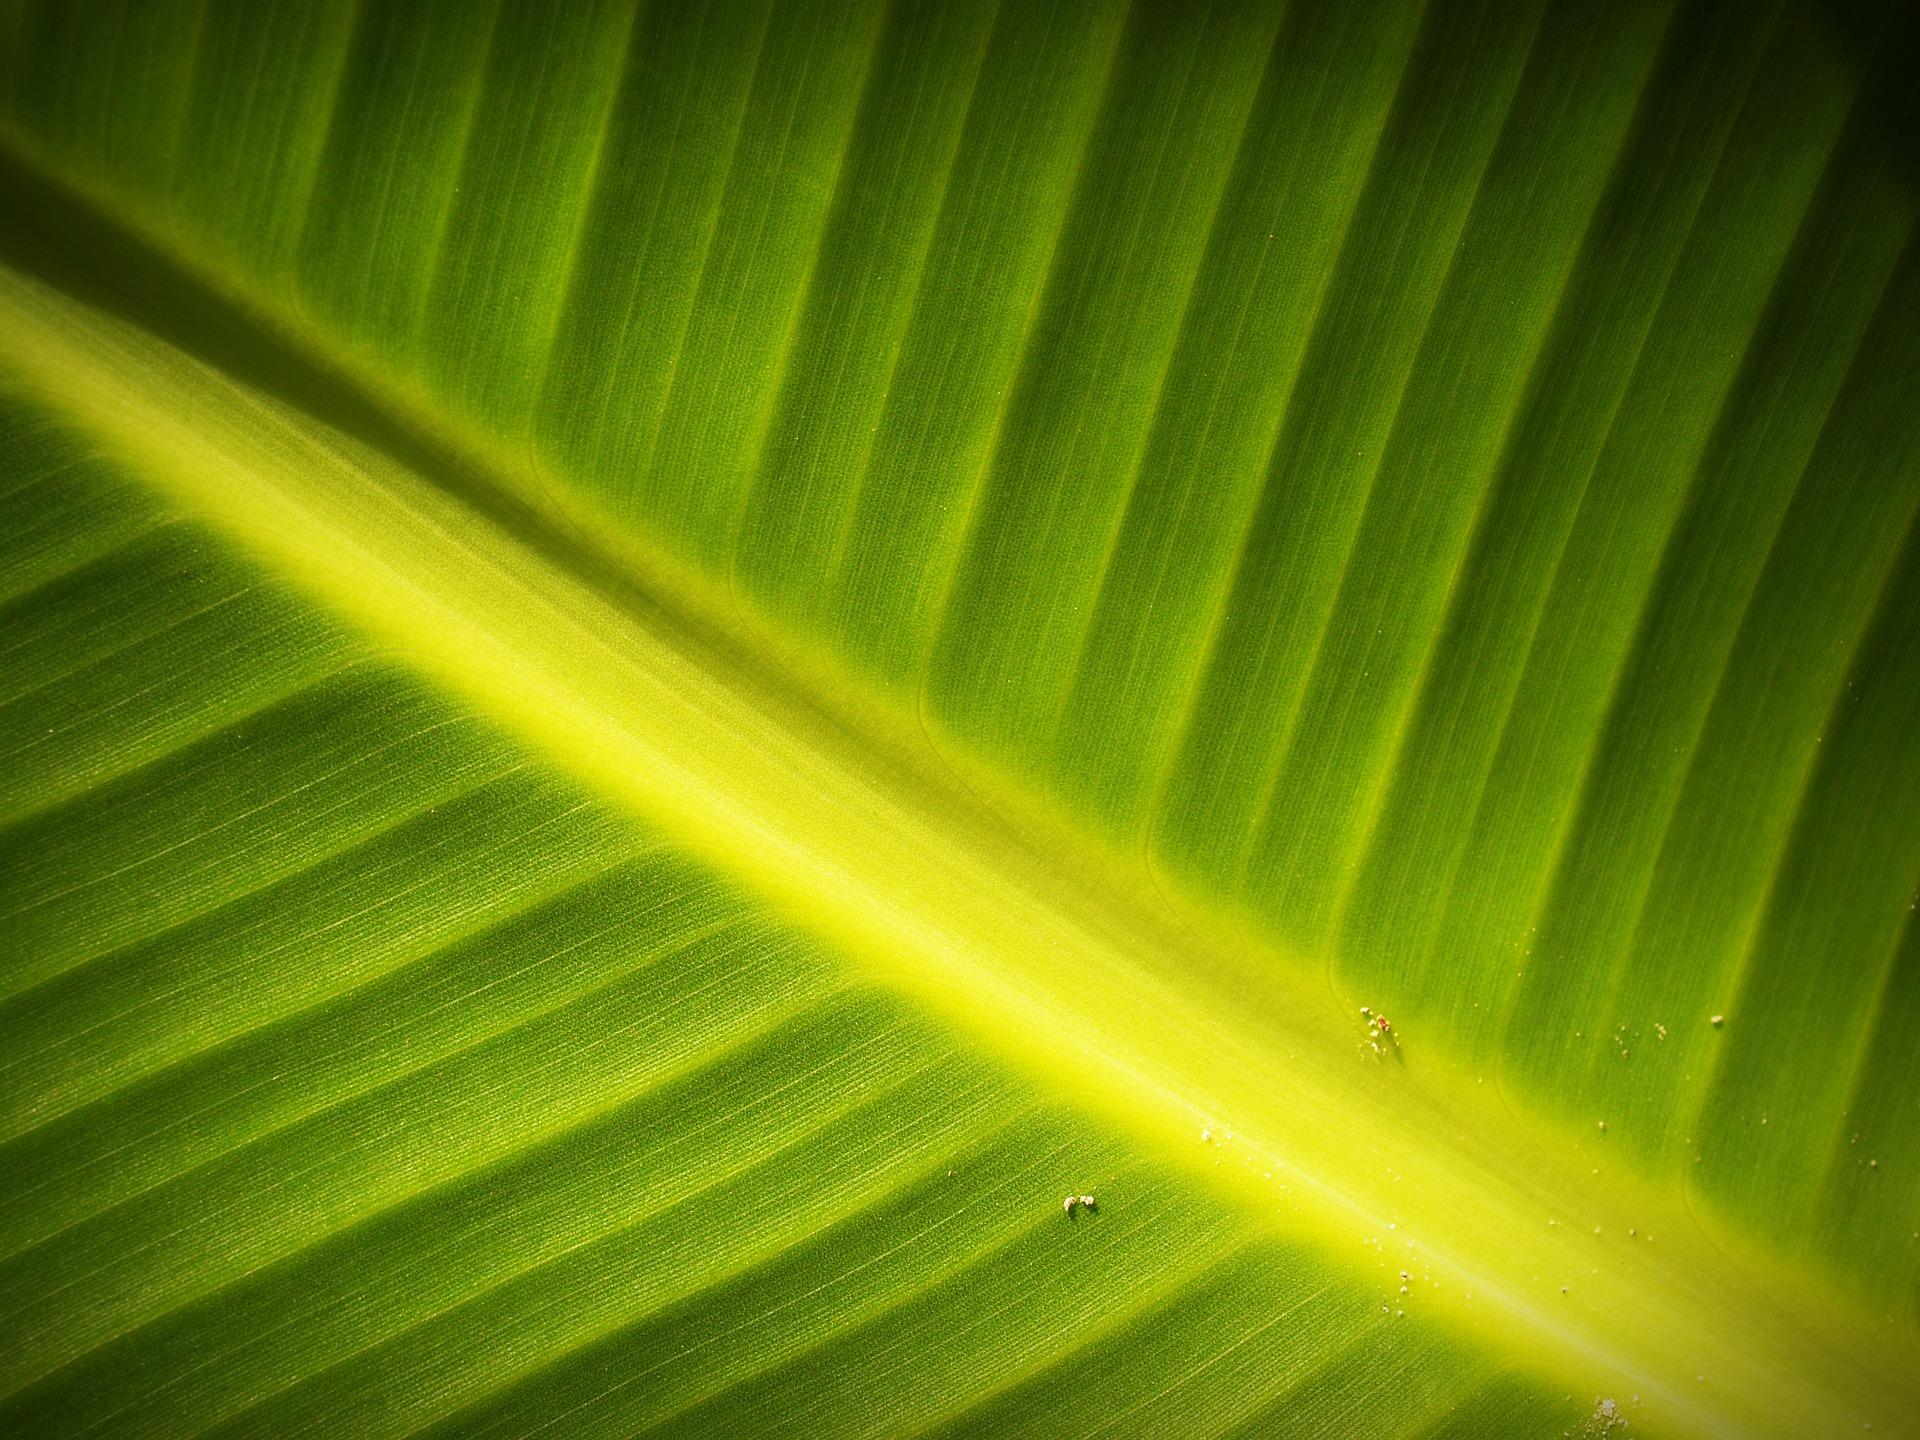 leaf-1551206_1920